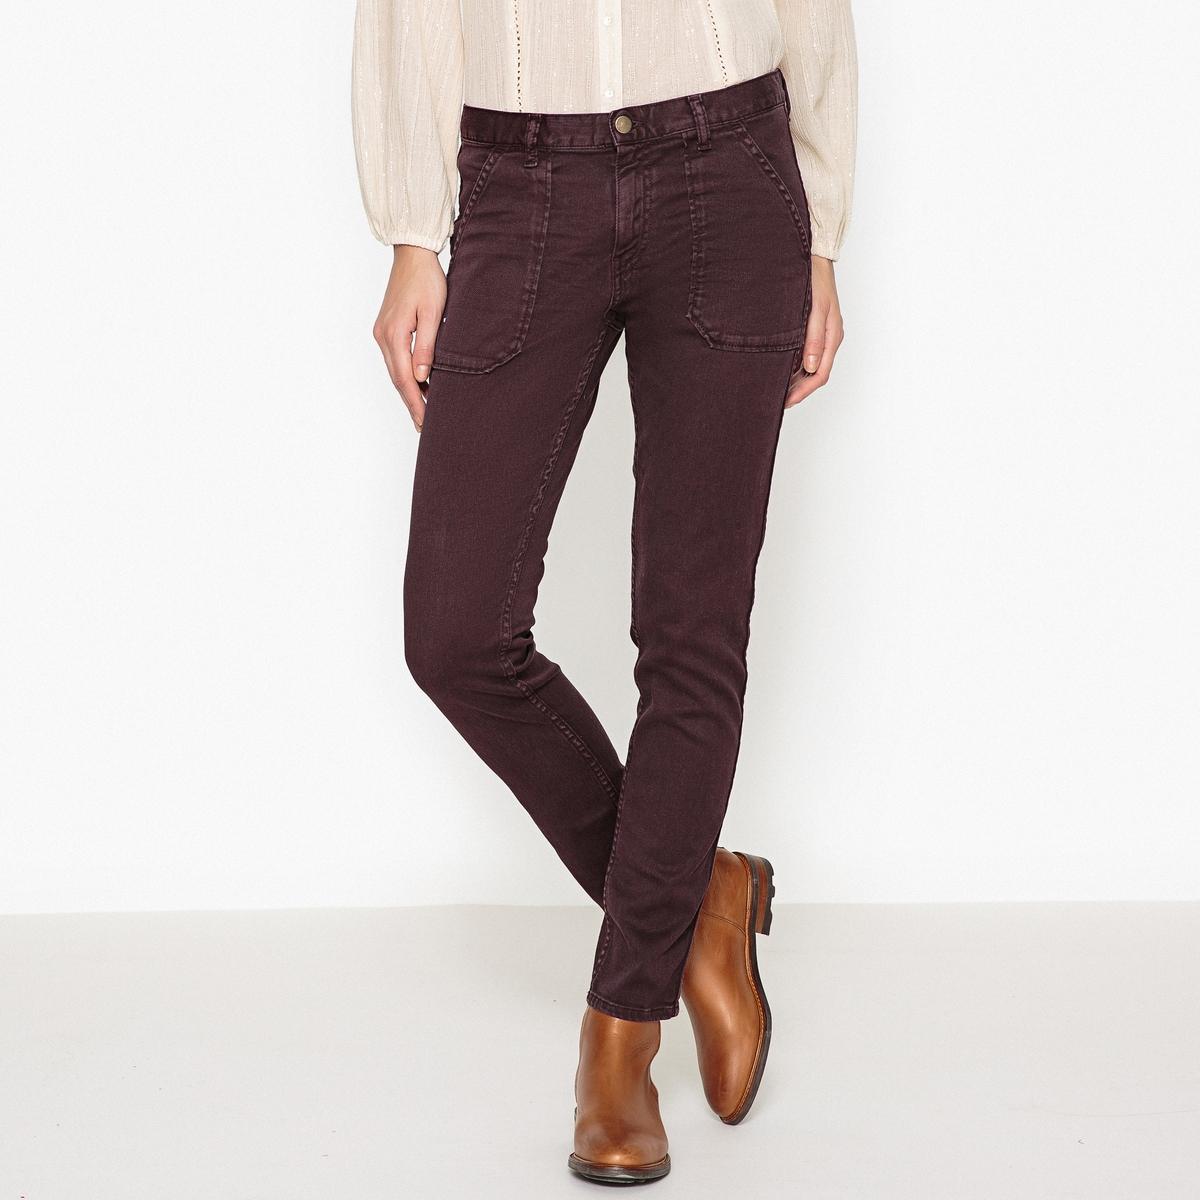 Джинсы из денима стретч покроя бойфит SALLY джинсы расклешенного покроя из денима стретч